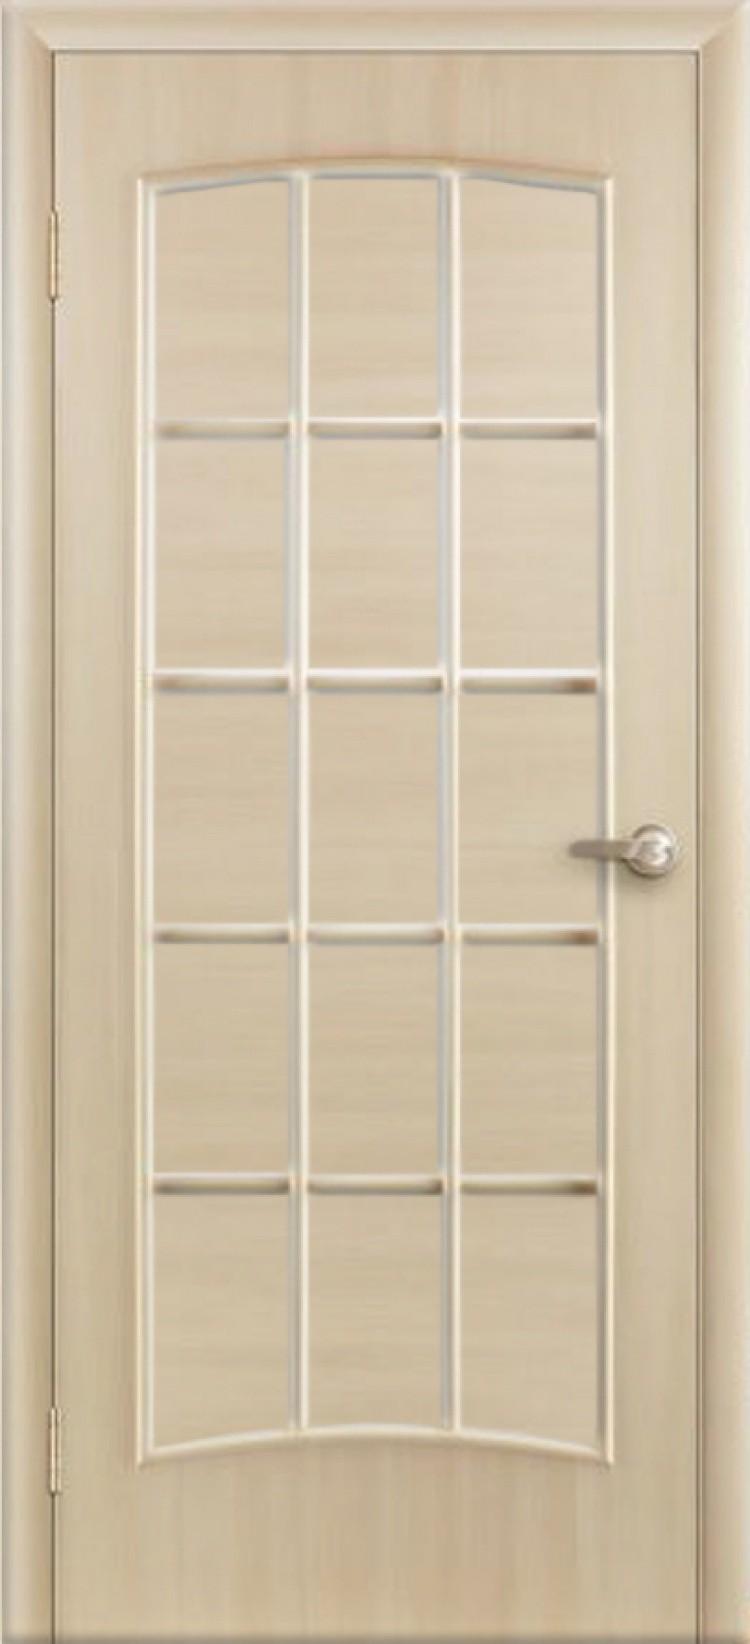 Ламинированная дверь Дверона Кантри Беленый дуб ДГ 6 вставка 2000x600 (ПОСЛЕДНИЙ РАЗМЕР ПО АКЦИИ)